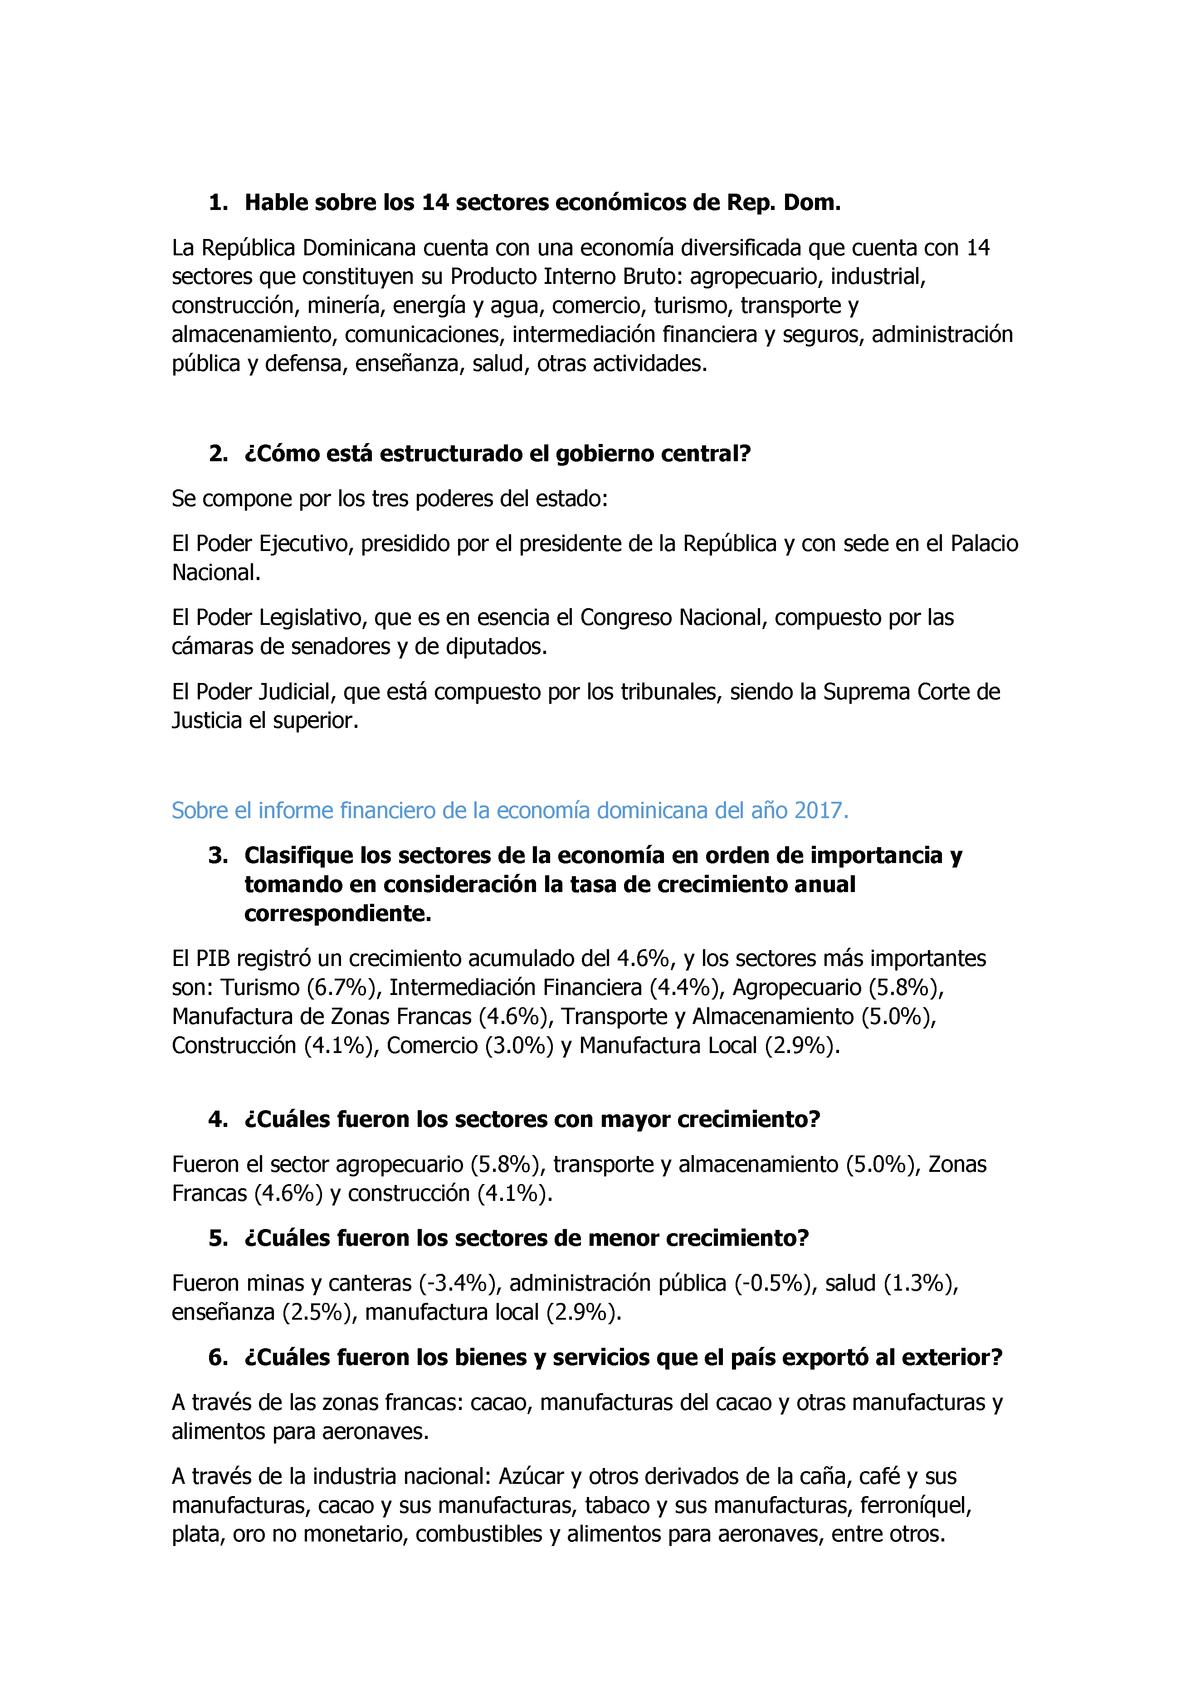 Sectores Económicos De La República Dominicana Hable Sobre Los 14 Sectores Econ Studocu